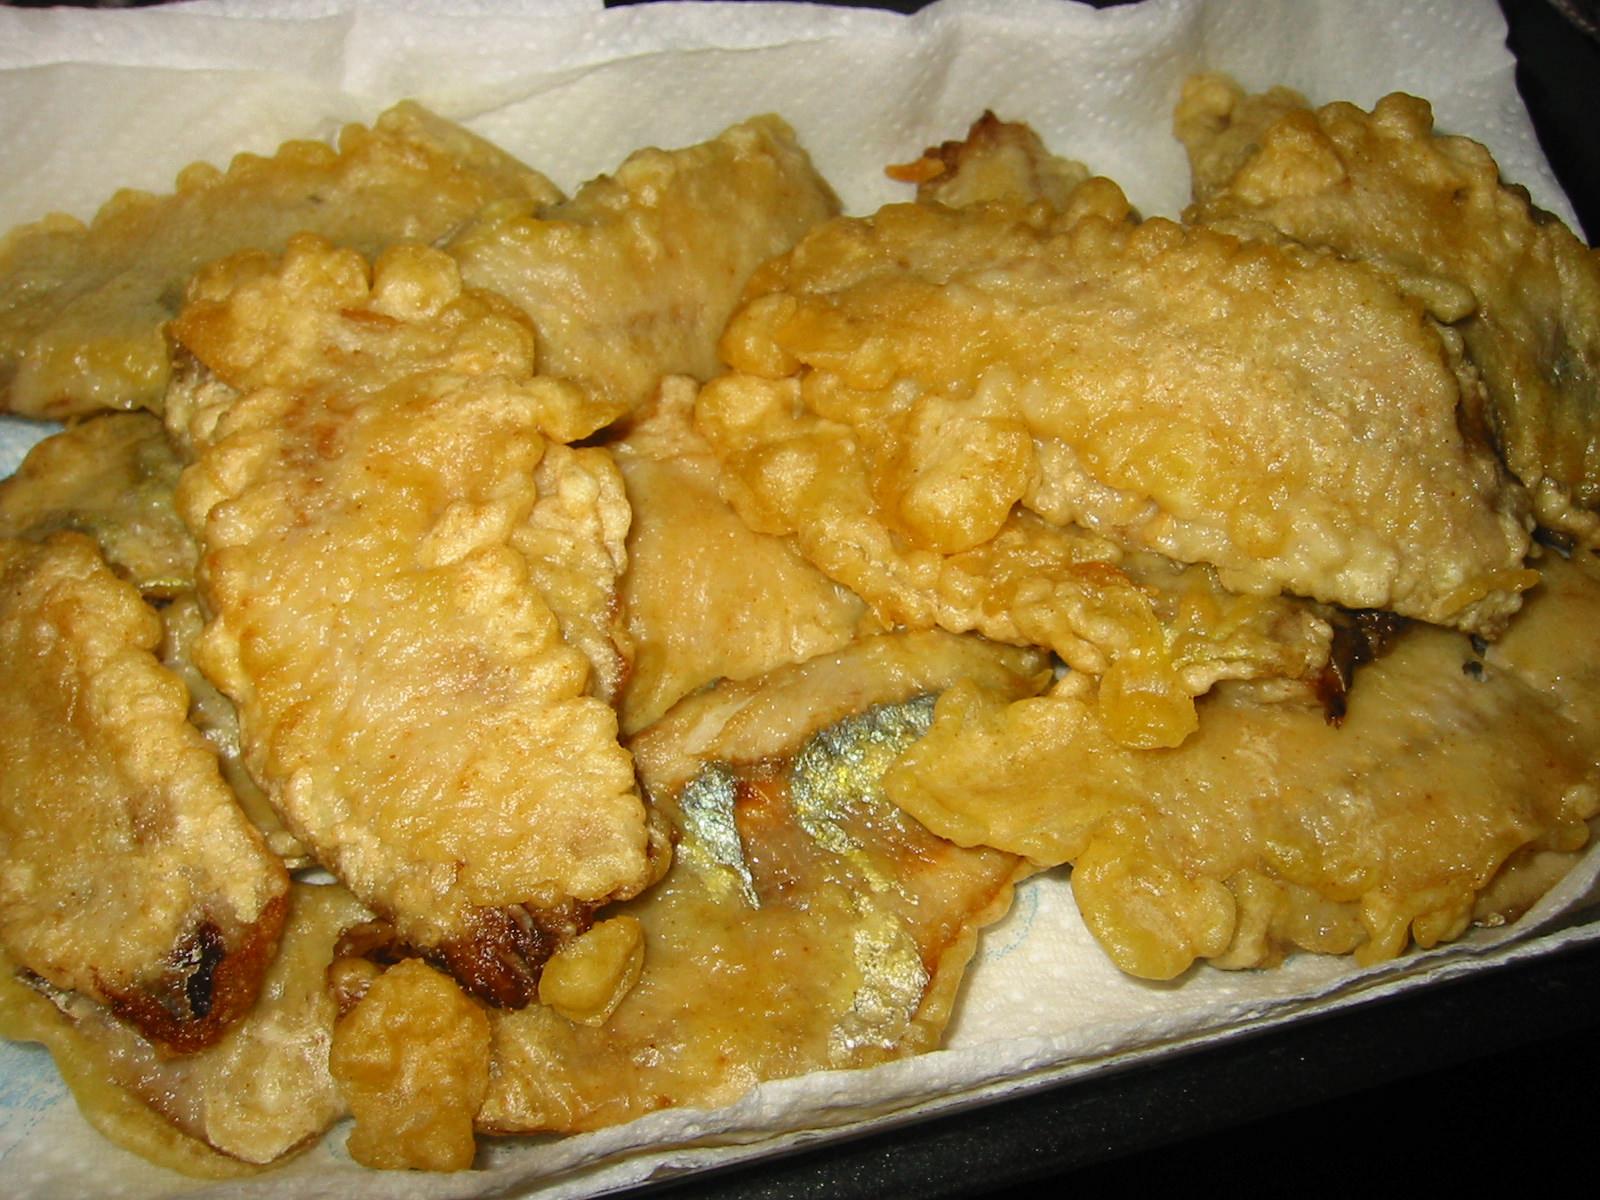 Battered herring fillets